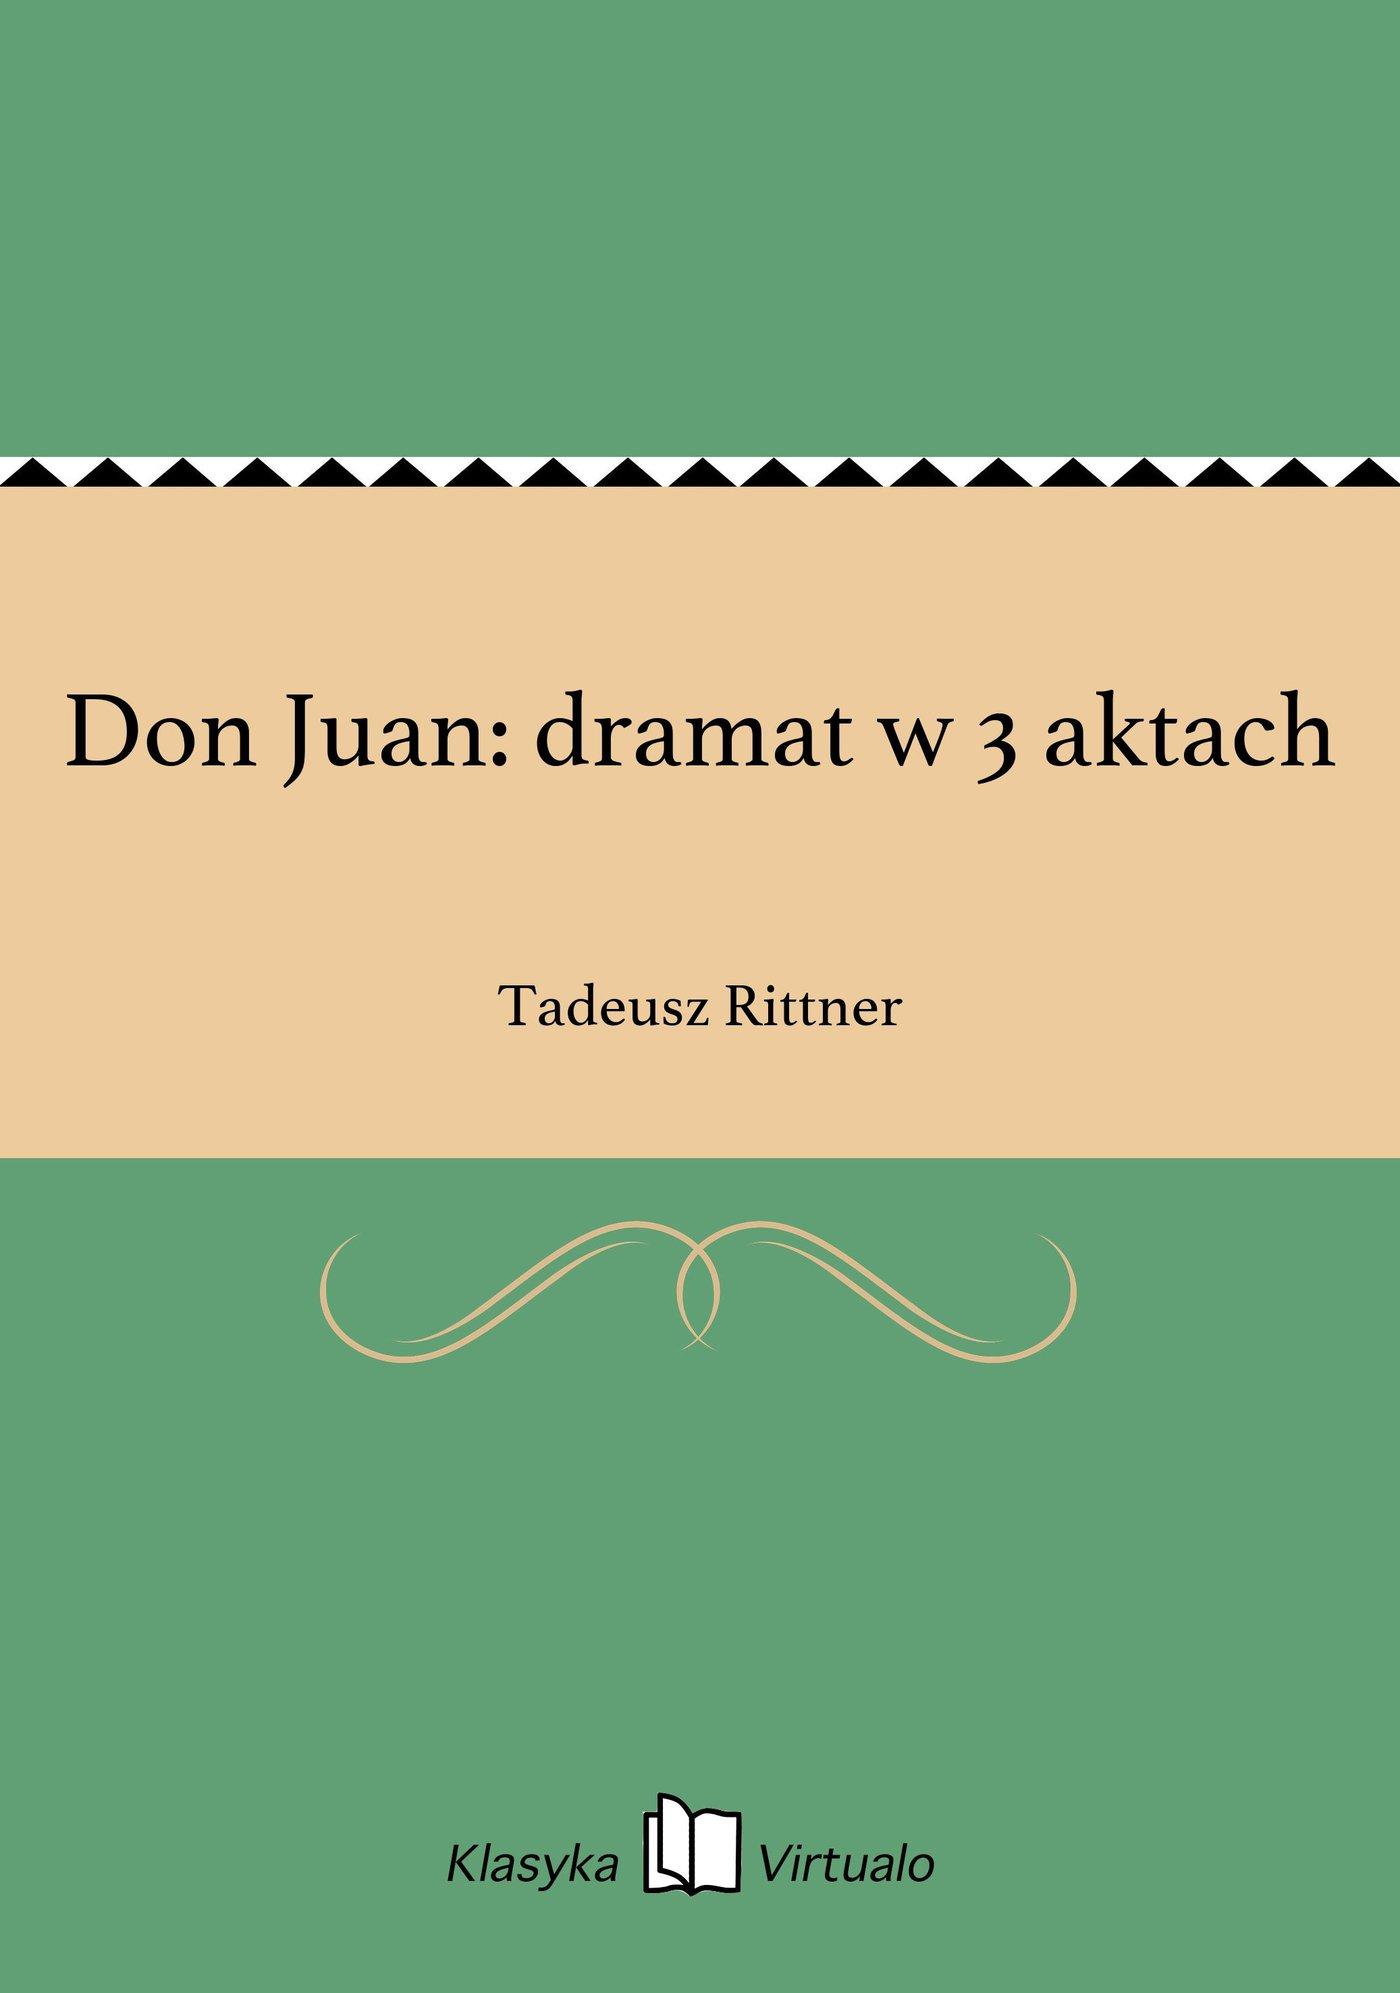 Don Juan: dramat w 3 aktach - Ebook (Książka EPUB) do pobrania w formacie EPUB